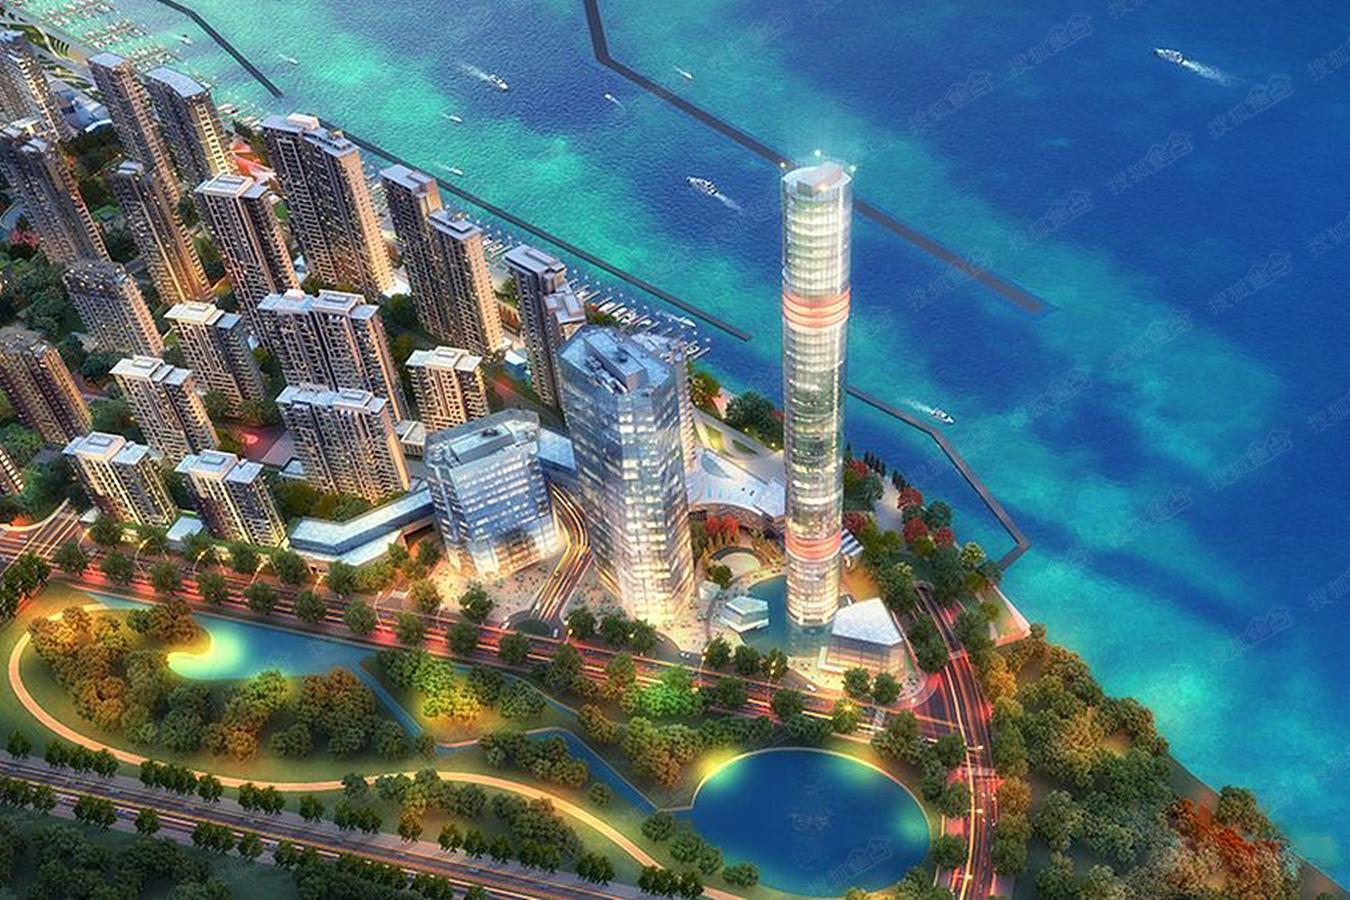 5号线南延伸段地块、南桥源城市复兴项目等四大区域塑造全新奉贤